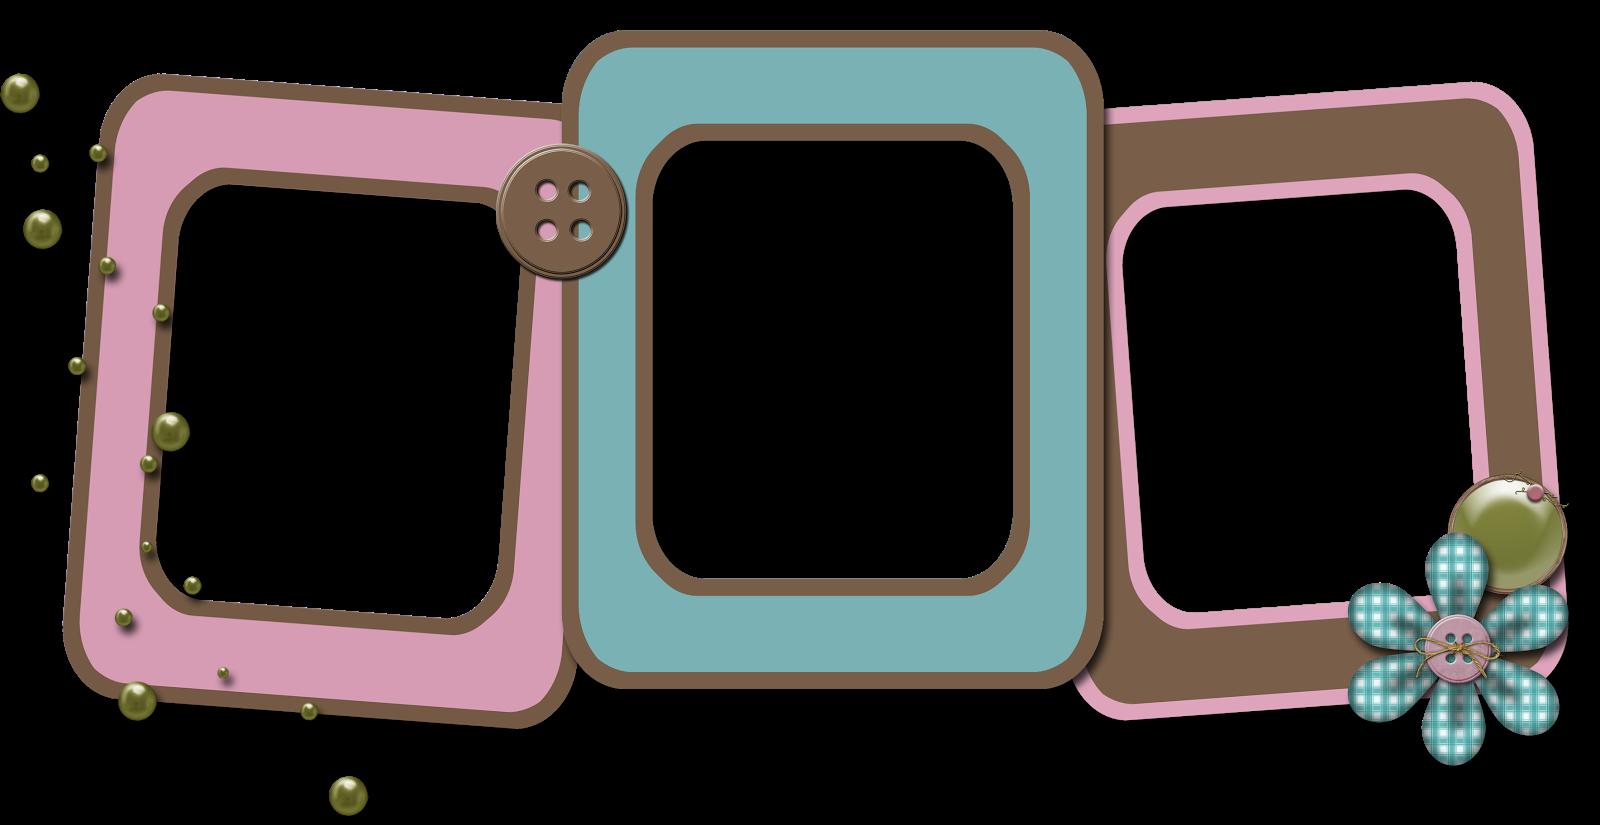 Scrapbook frame png. Image